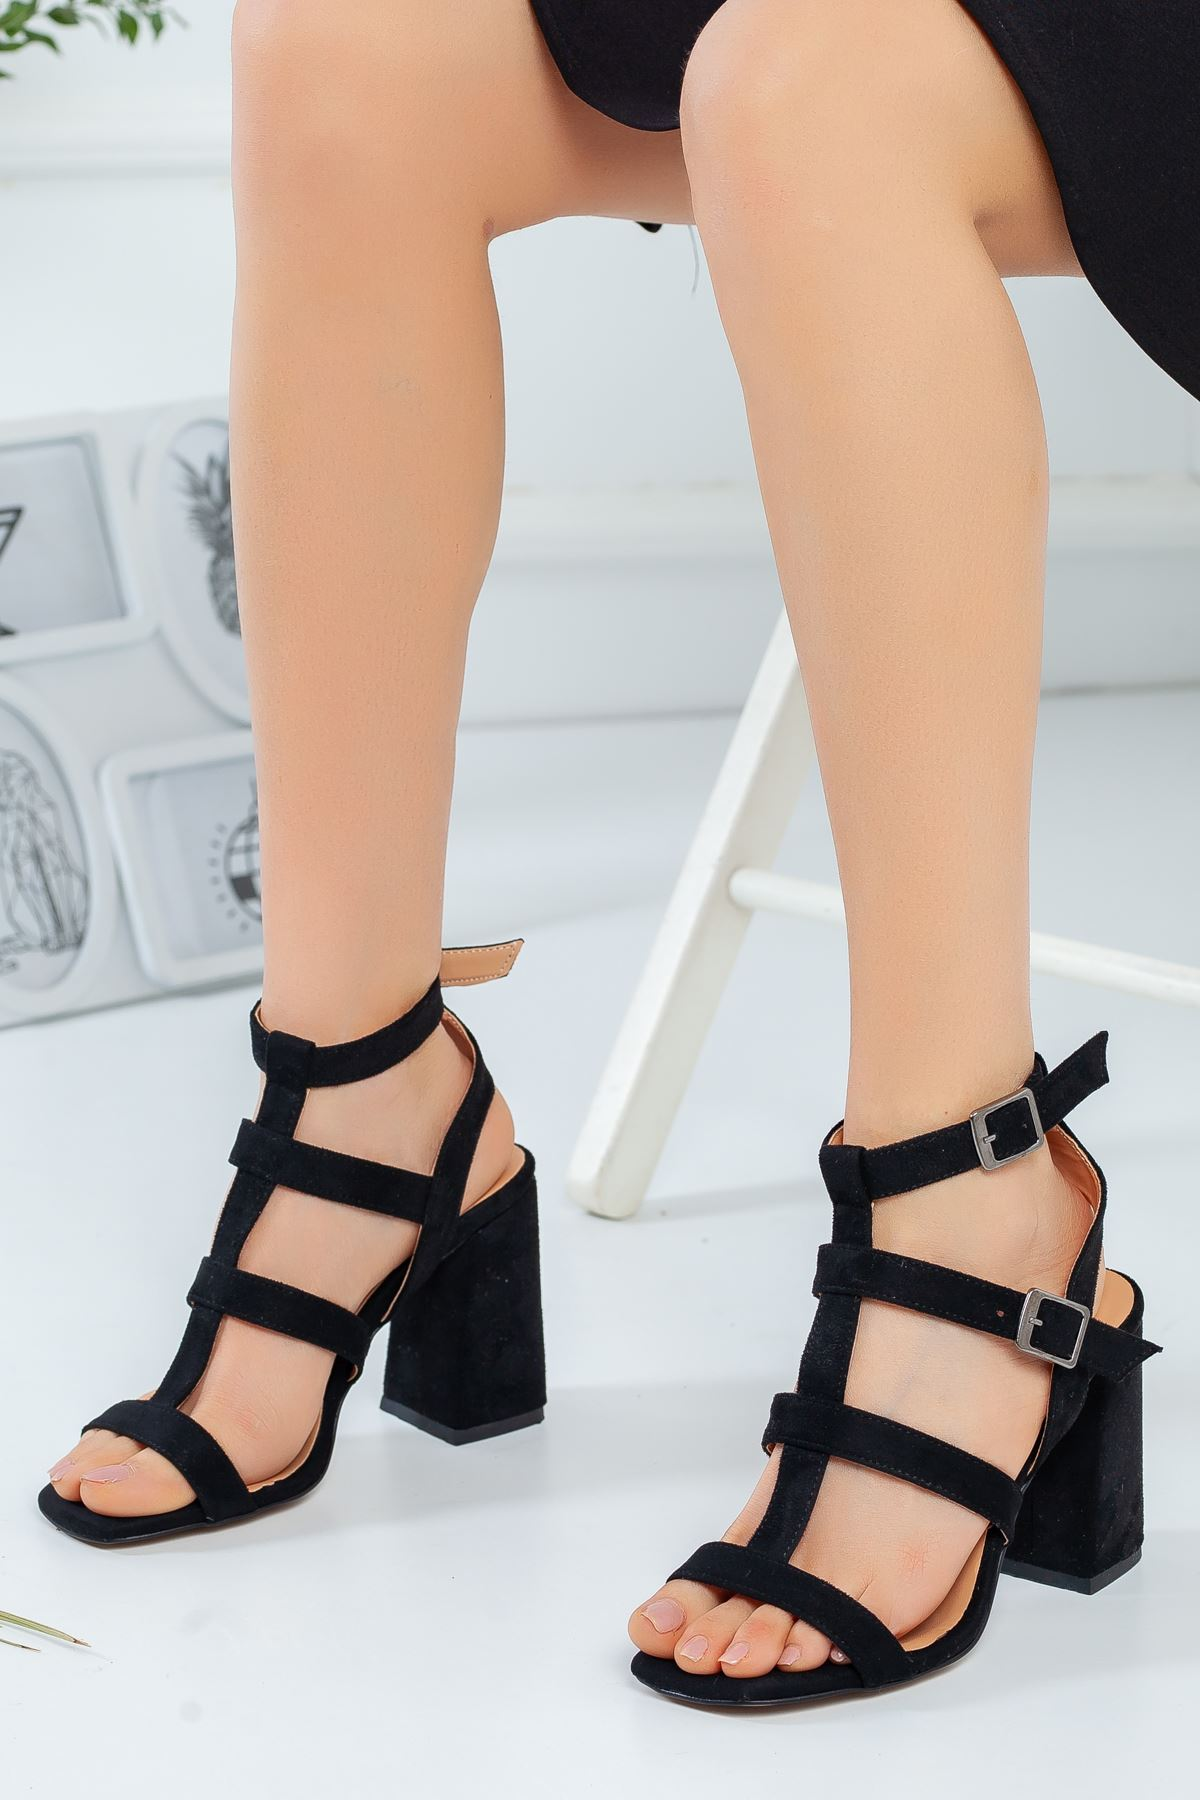 Kadın Elga Siyah Süet Topuklu Ayakkabı